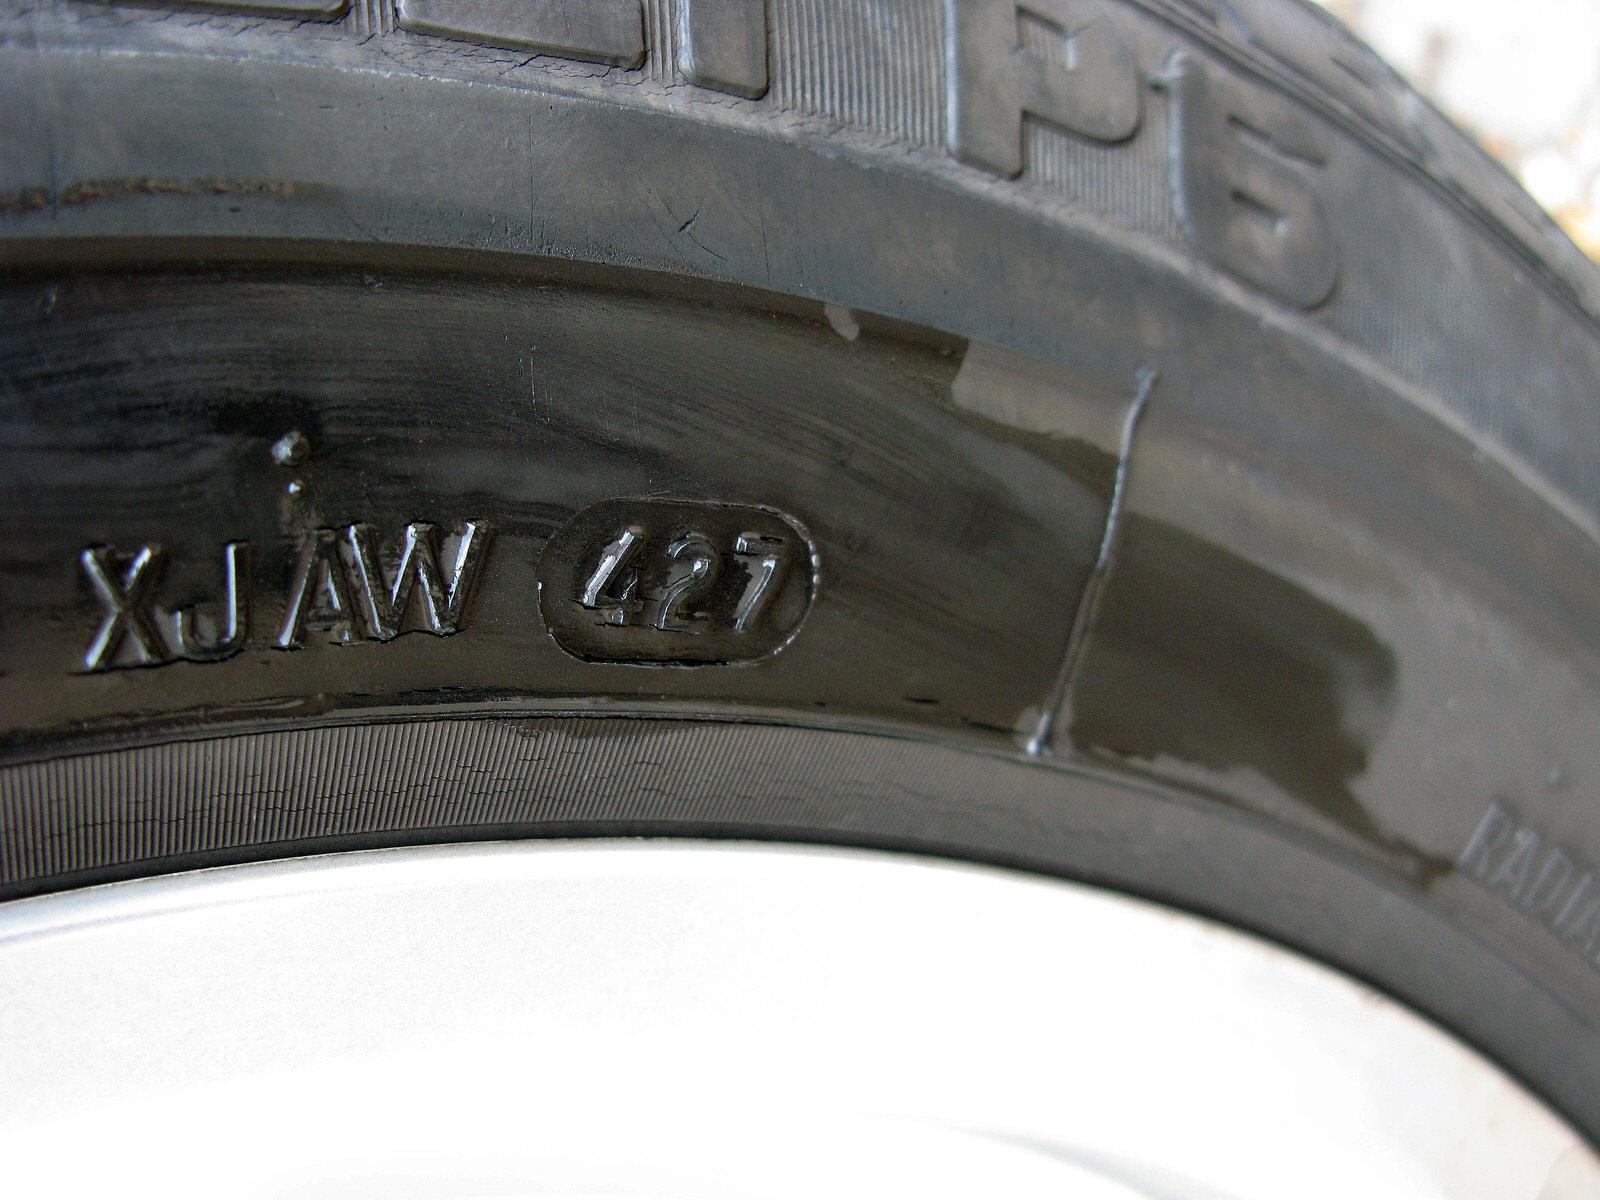 dot pneu signification automobiles pneus roues. Black Bedroom Furniture Sets. Home Design Ideas